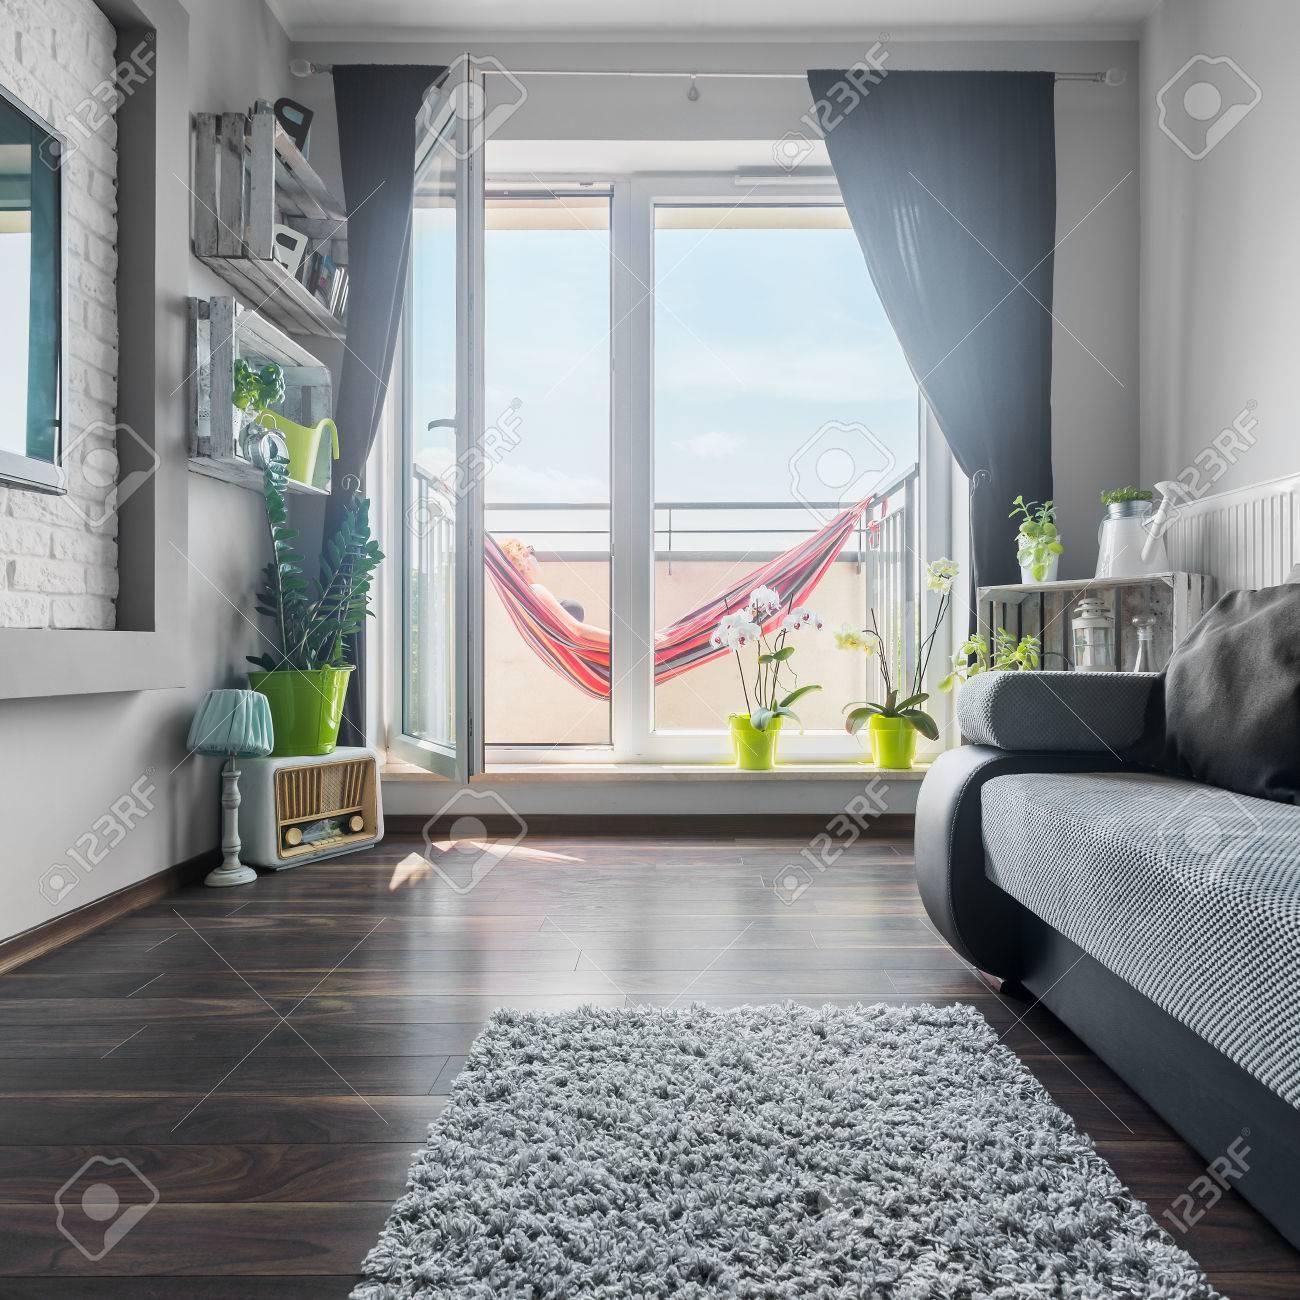 Schöne, Helle Wohnzimmer In Grau Und Weiß Mit Sofa, Großer Fernseher,  Hausgemachte Dekorationen